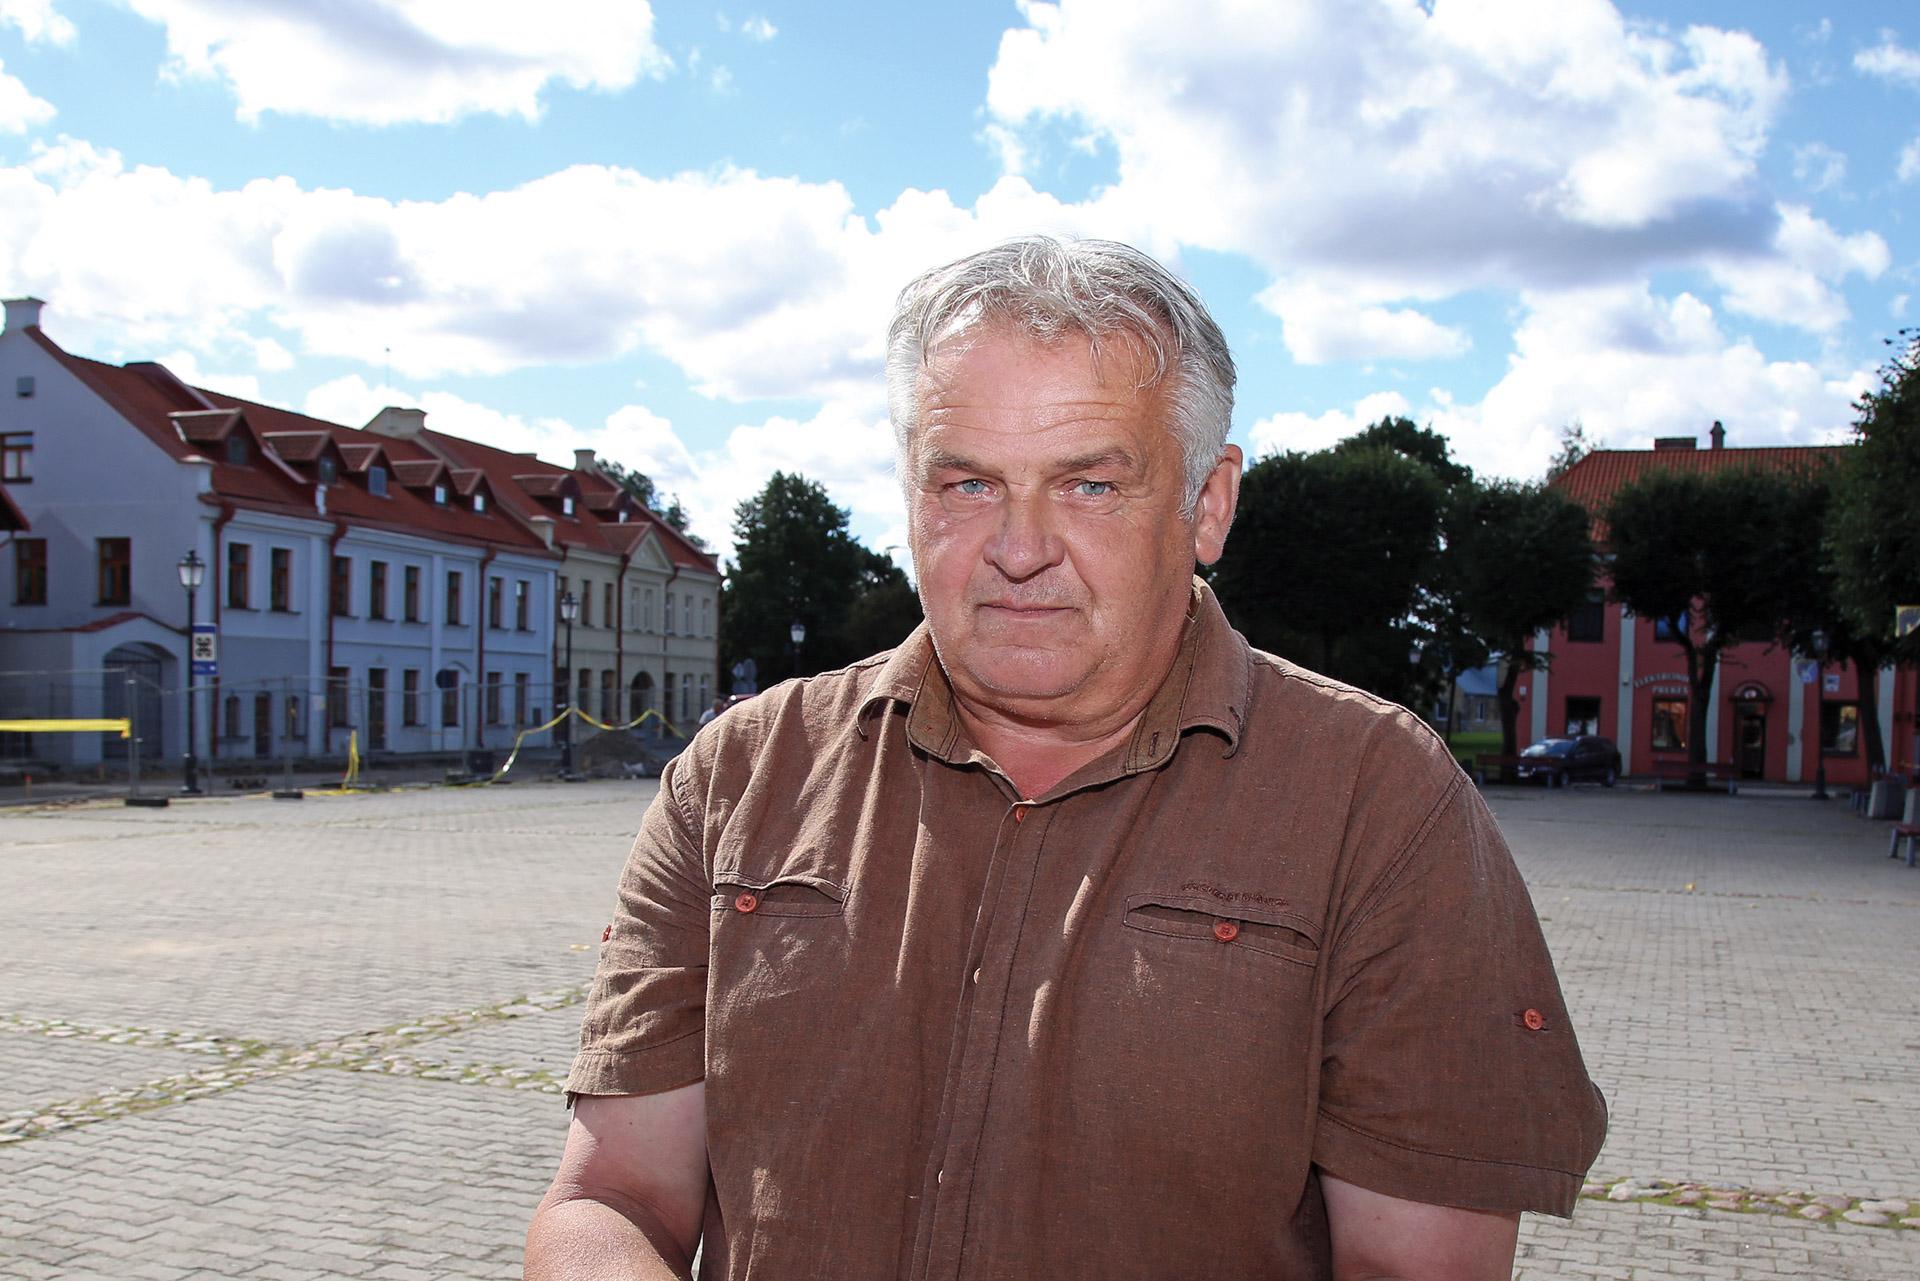 Kėdainių krašto muziejaus archeologas Algirdas Juknevičius./ Giedrės Minelgaitės nuotr.